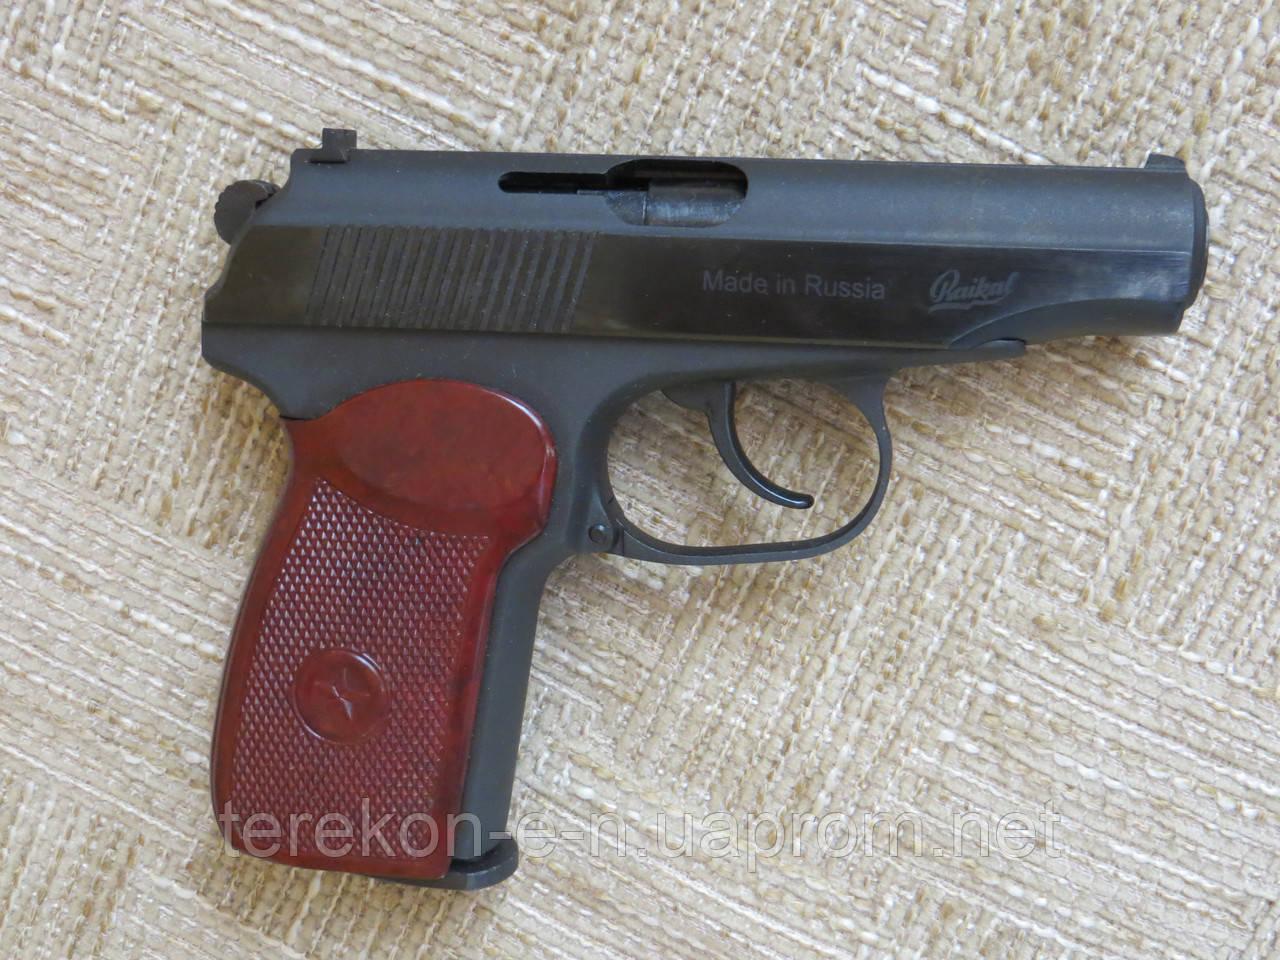 Пневматический пистолет МР-654К, (Макаров) BAIKAL, серия 28, серия 22